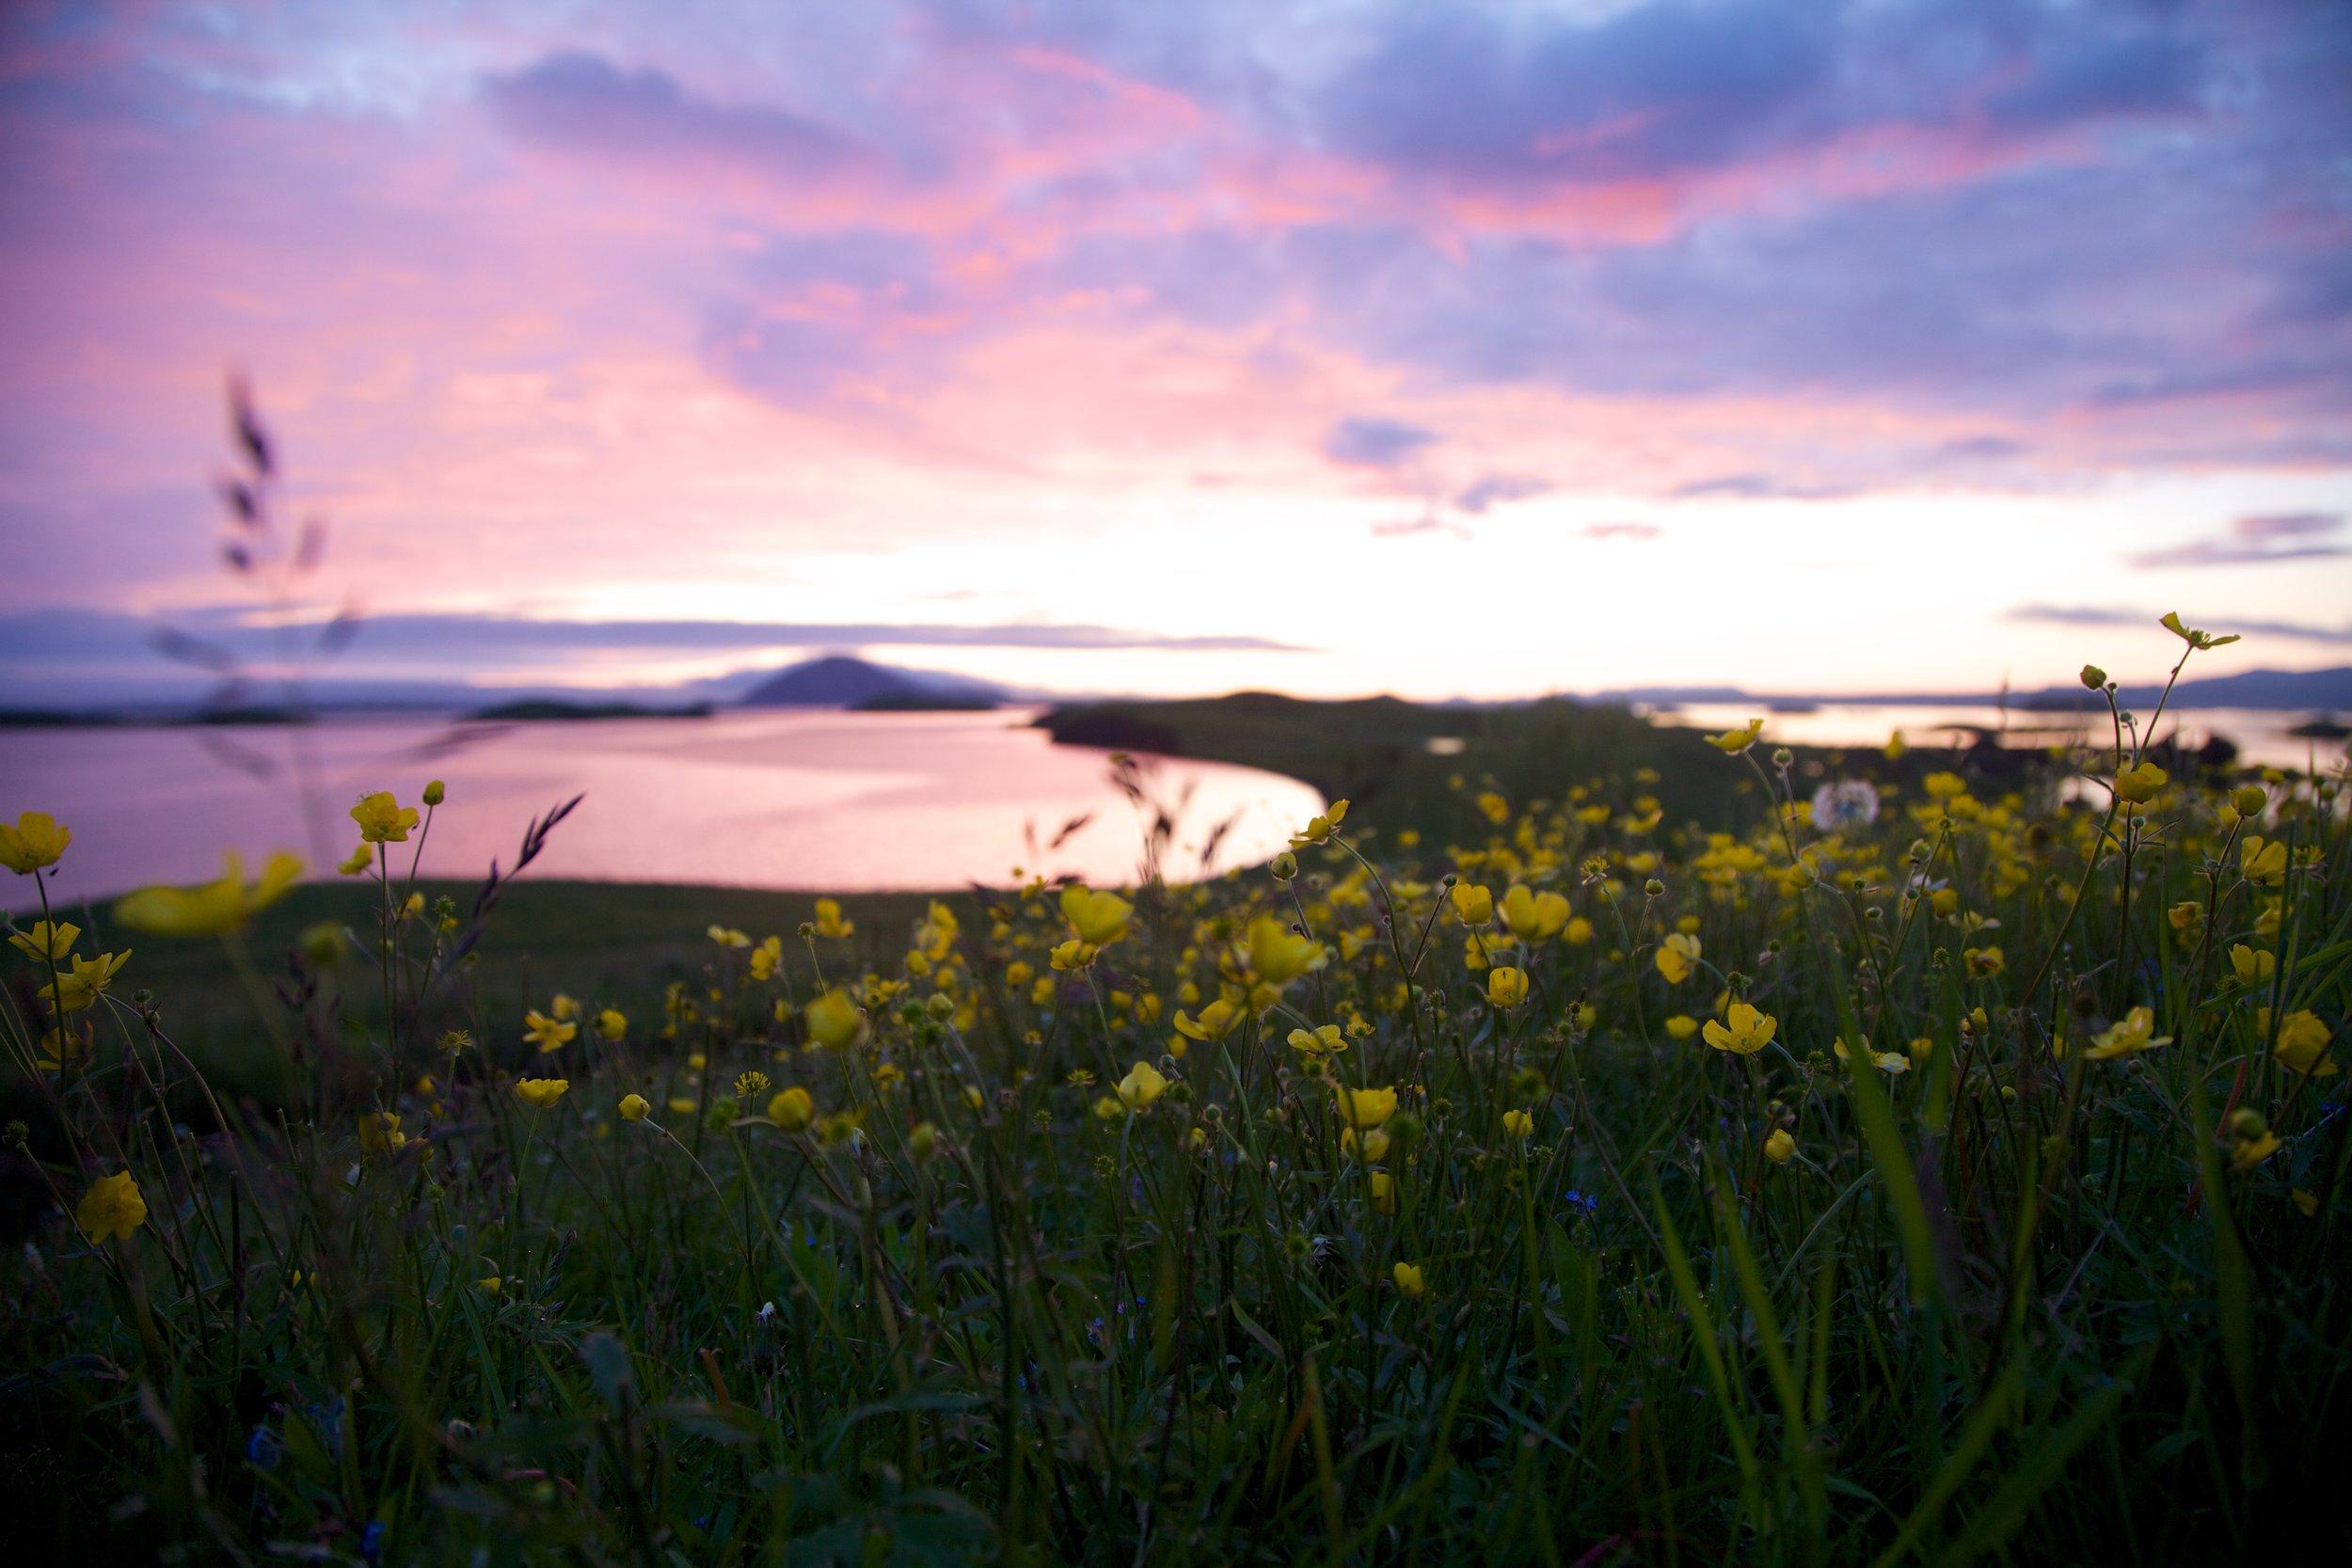 Icelandic sunset - 24-105 on Canon 5D MkII